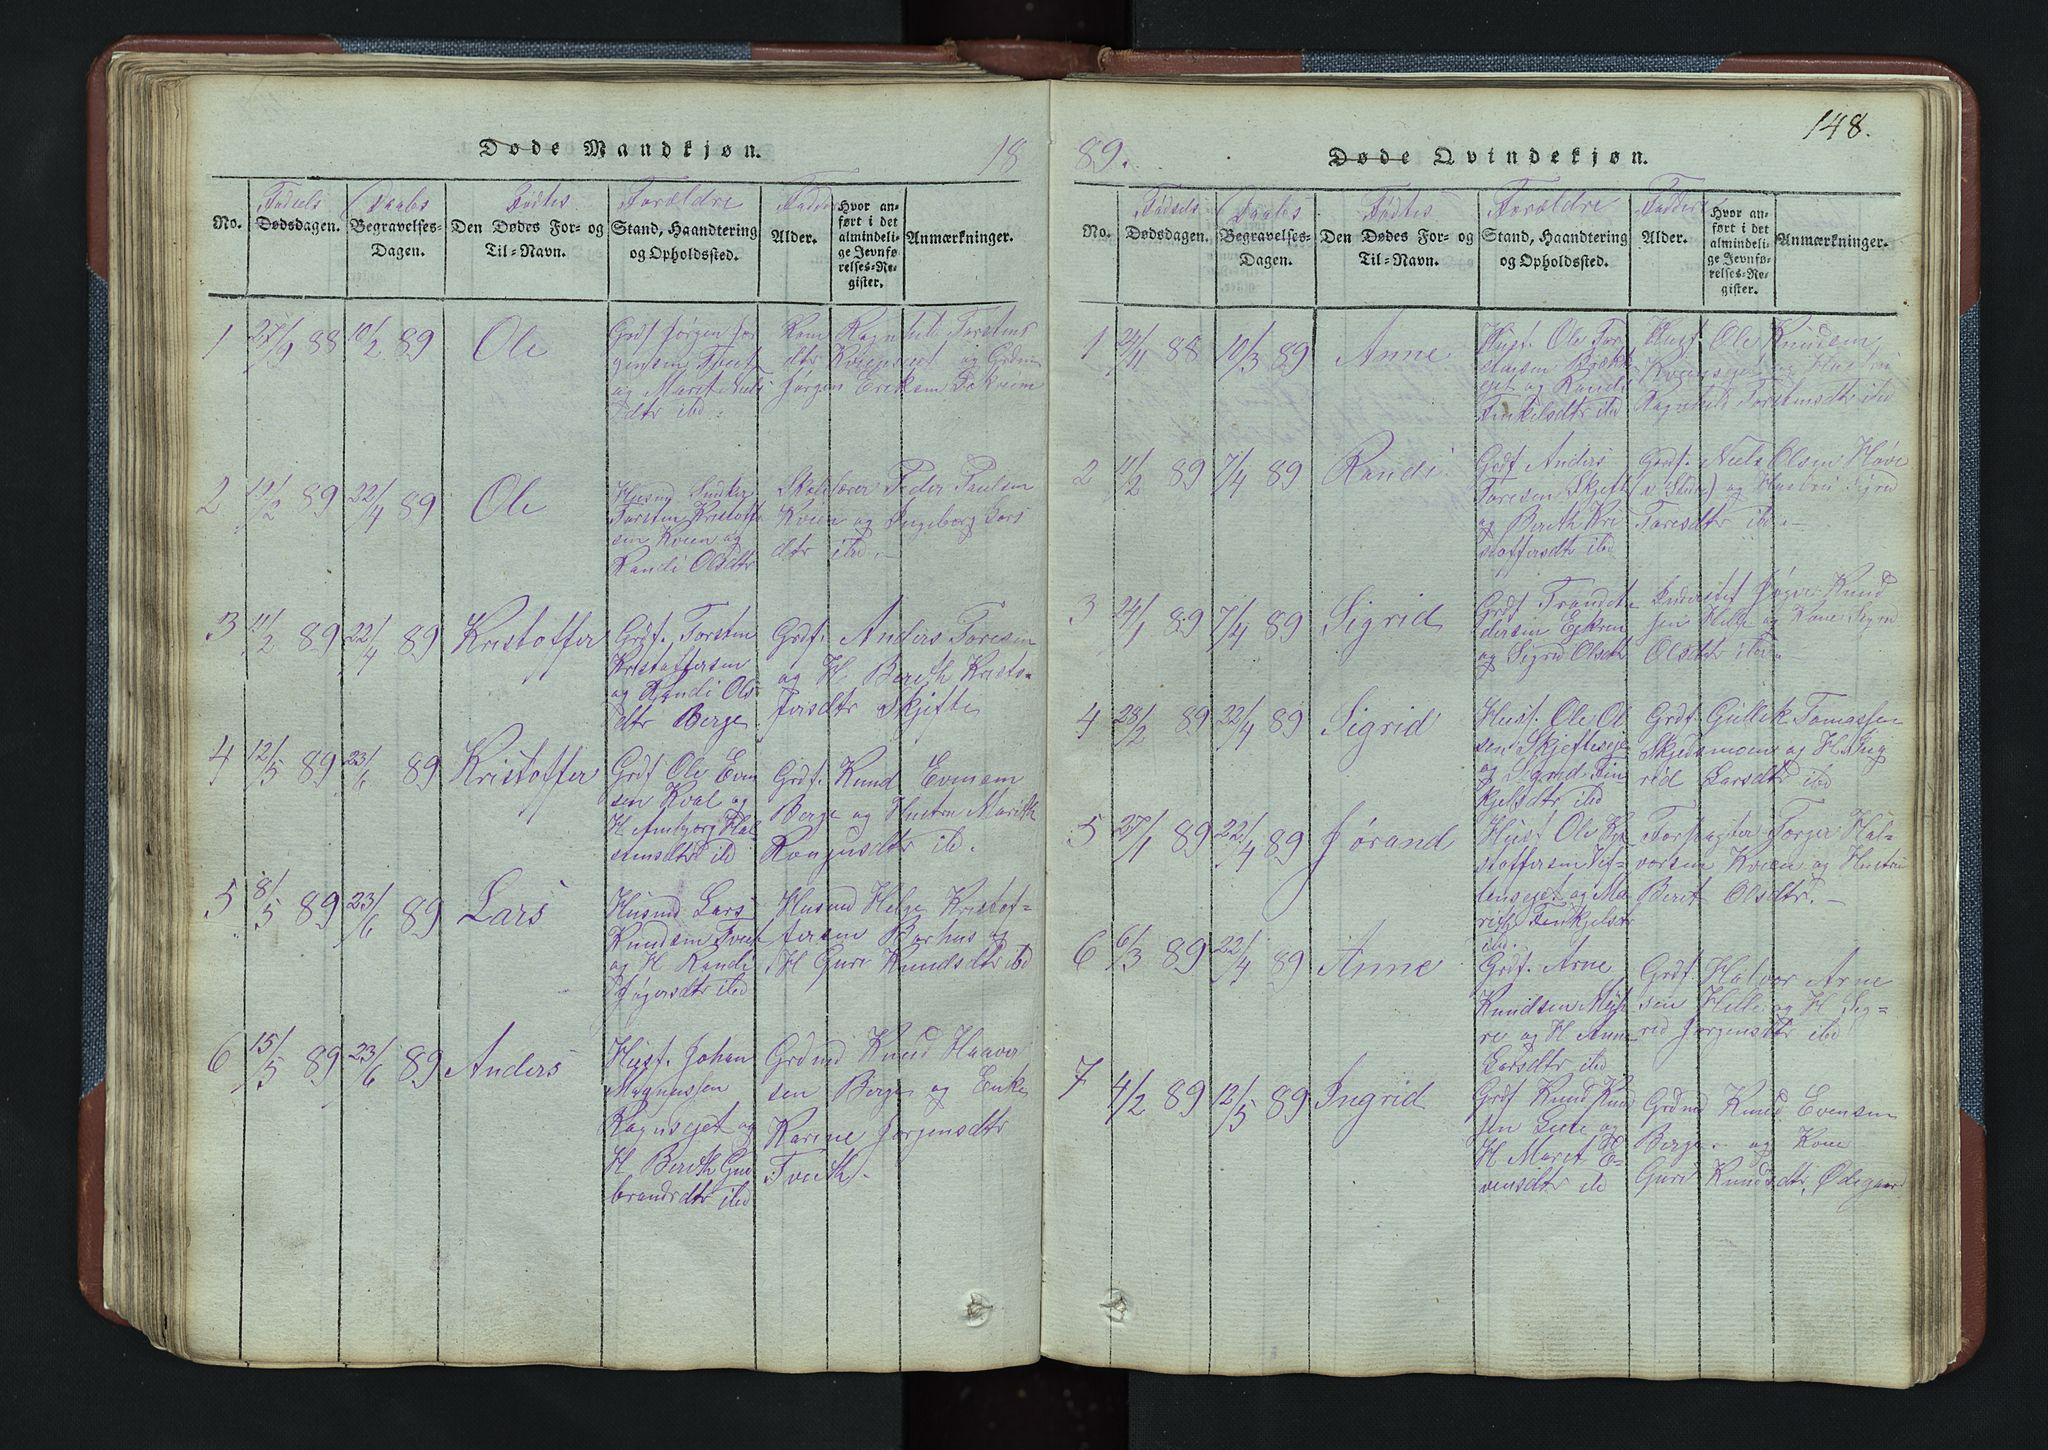 SAH, Vang prestekontor, Valdres, Klokkerbok nr. 3, 1814-1892, s. 148